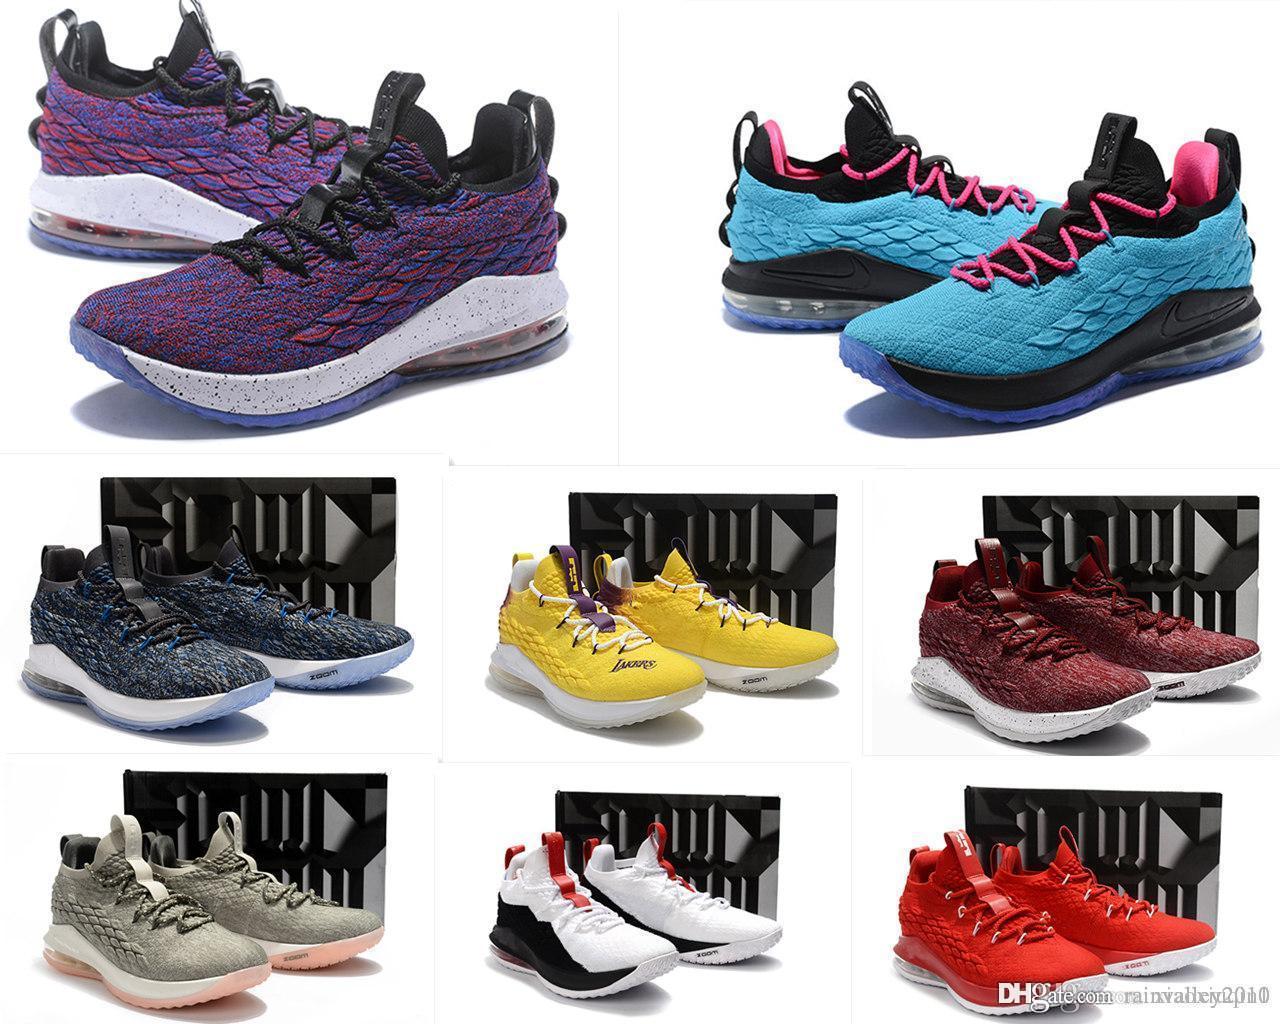 cosa le scarpe da pallacanestro lebron 15 XV low mens in vendita MVP Christmas BHM Oreo scarpe da ginnastica giovanili Generation con scatola spedizione